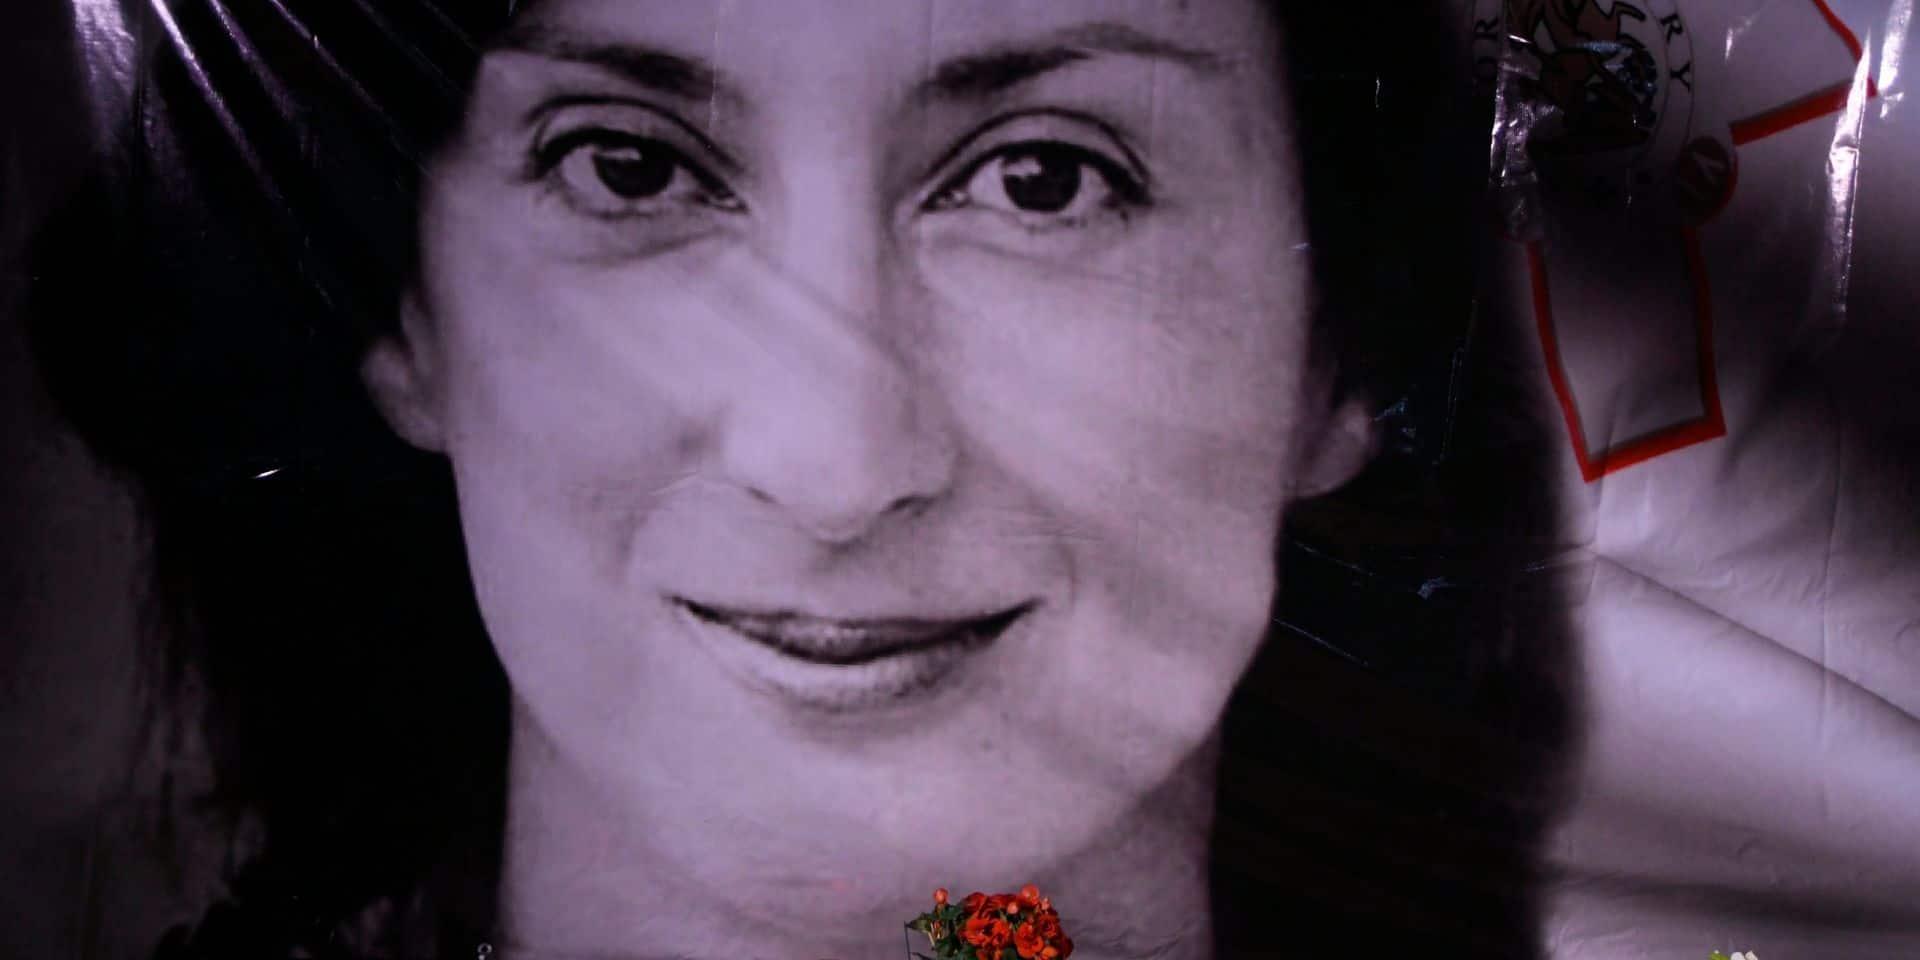 Meutre de la journaliste maltaise Daphne Caruana : un des accusés condamné à 15 ans de prison